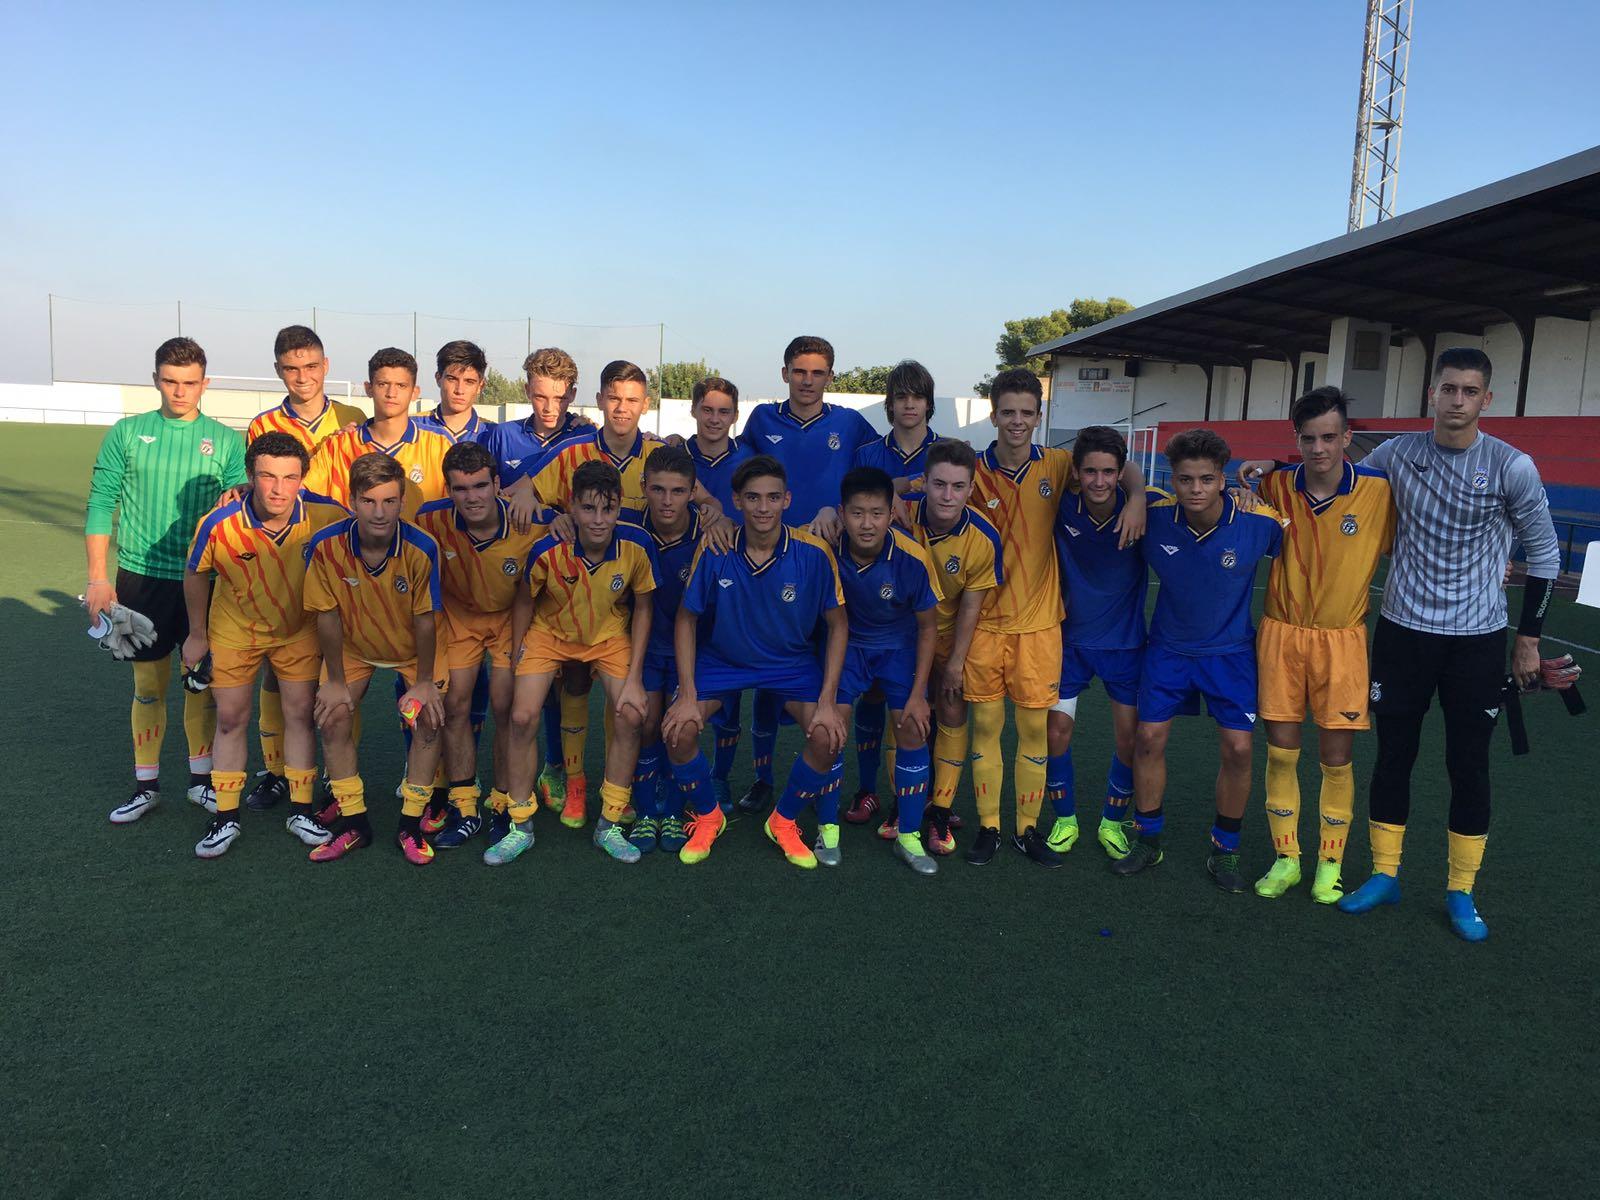 Nuevo entrenamiento de la selecci n cadete en burjassot ffcv for Federacion valenciana de futbol